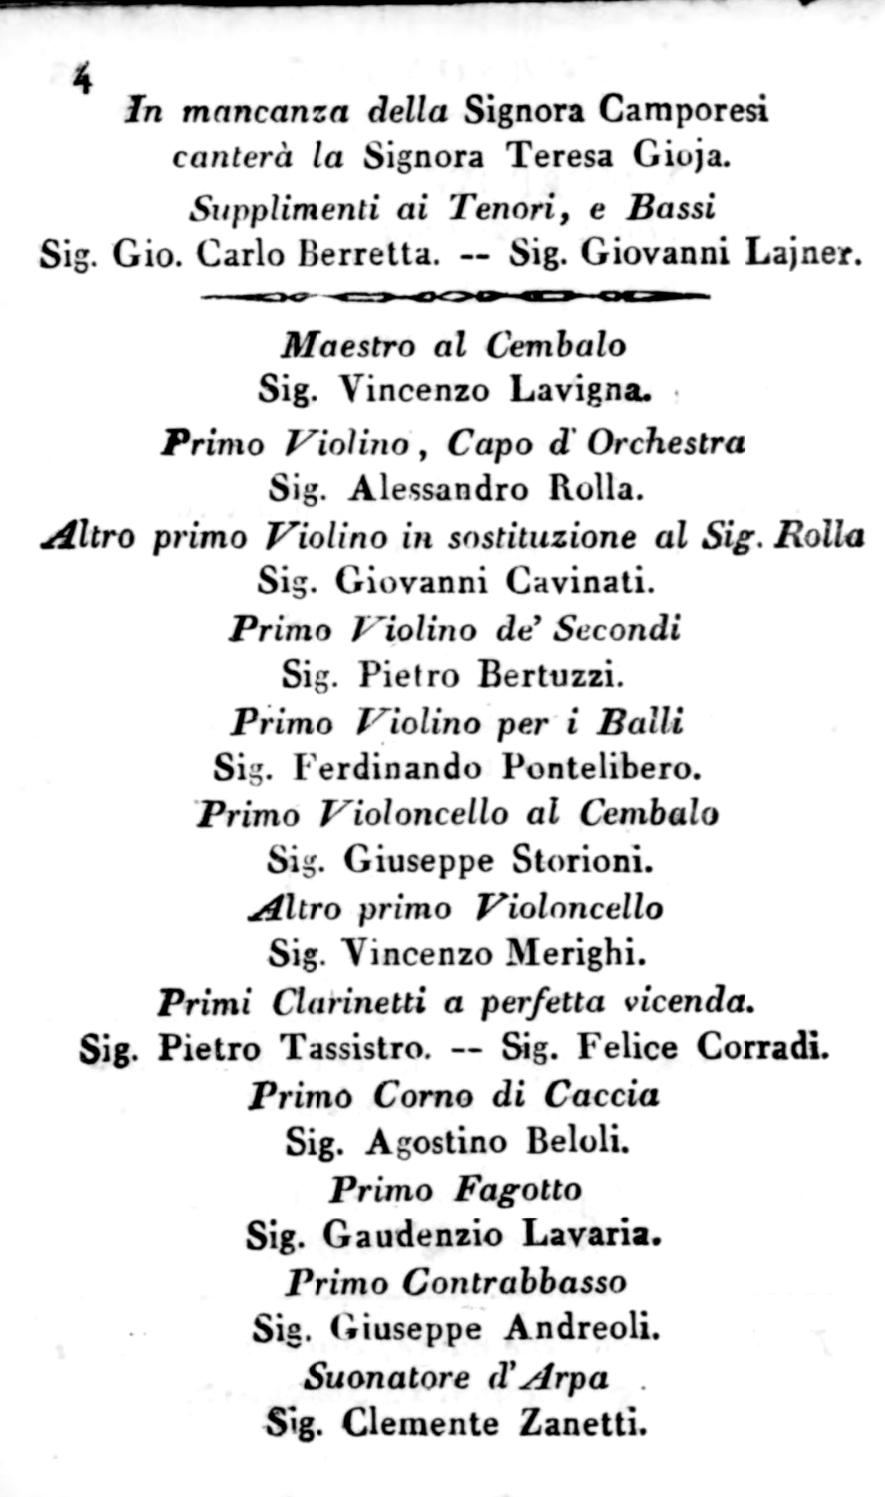 ミラノ・スカラ座歌劇場管弦楽団の歴史 1811年~1820年_b0189423_17381737.jpg